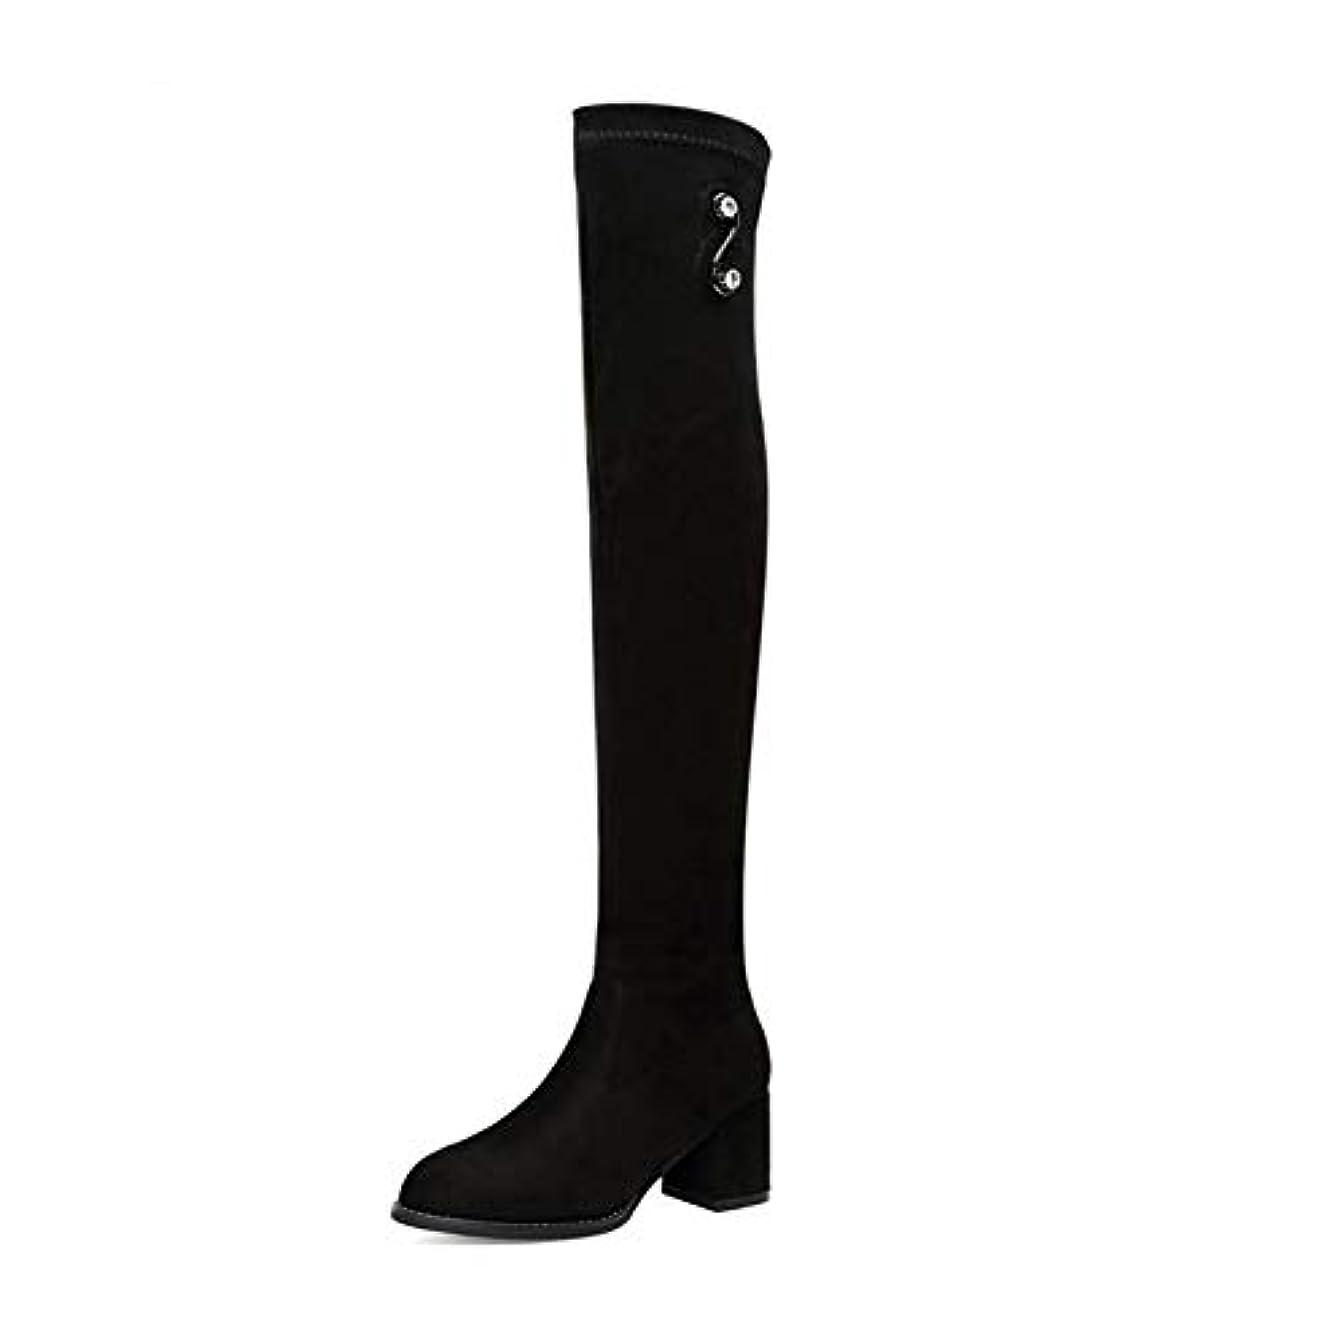 スプレーお願いします被害者女性のファッションブーツ、膝とロングチューブの伸縮性ブーツ、日常着用のノンスリップハイブーツの秋と冬 (色 : ブラック, サイズ : 39)